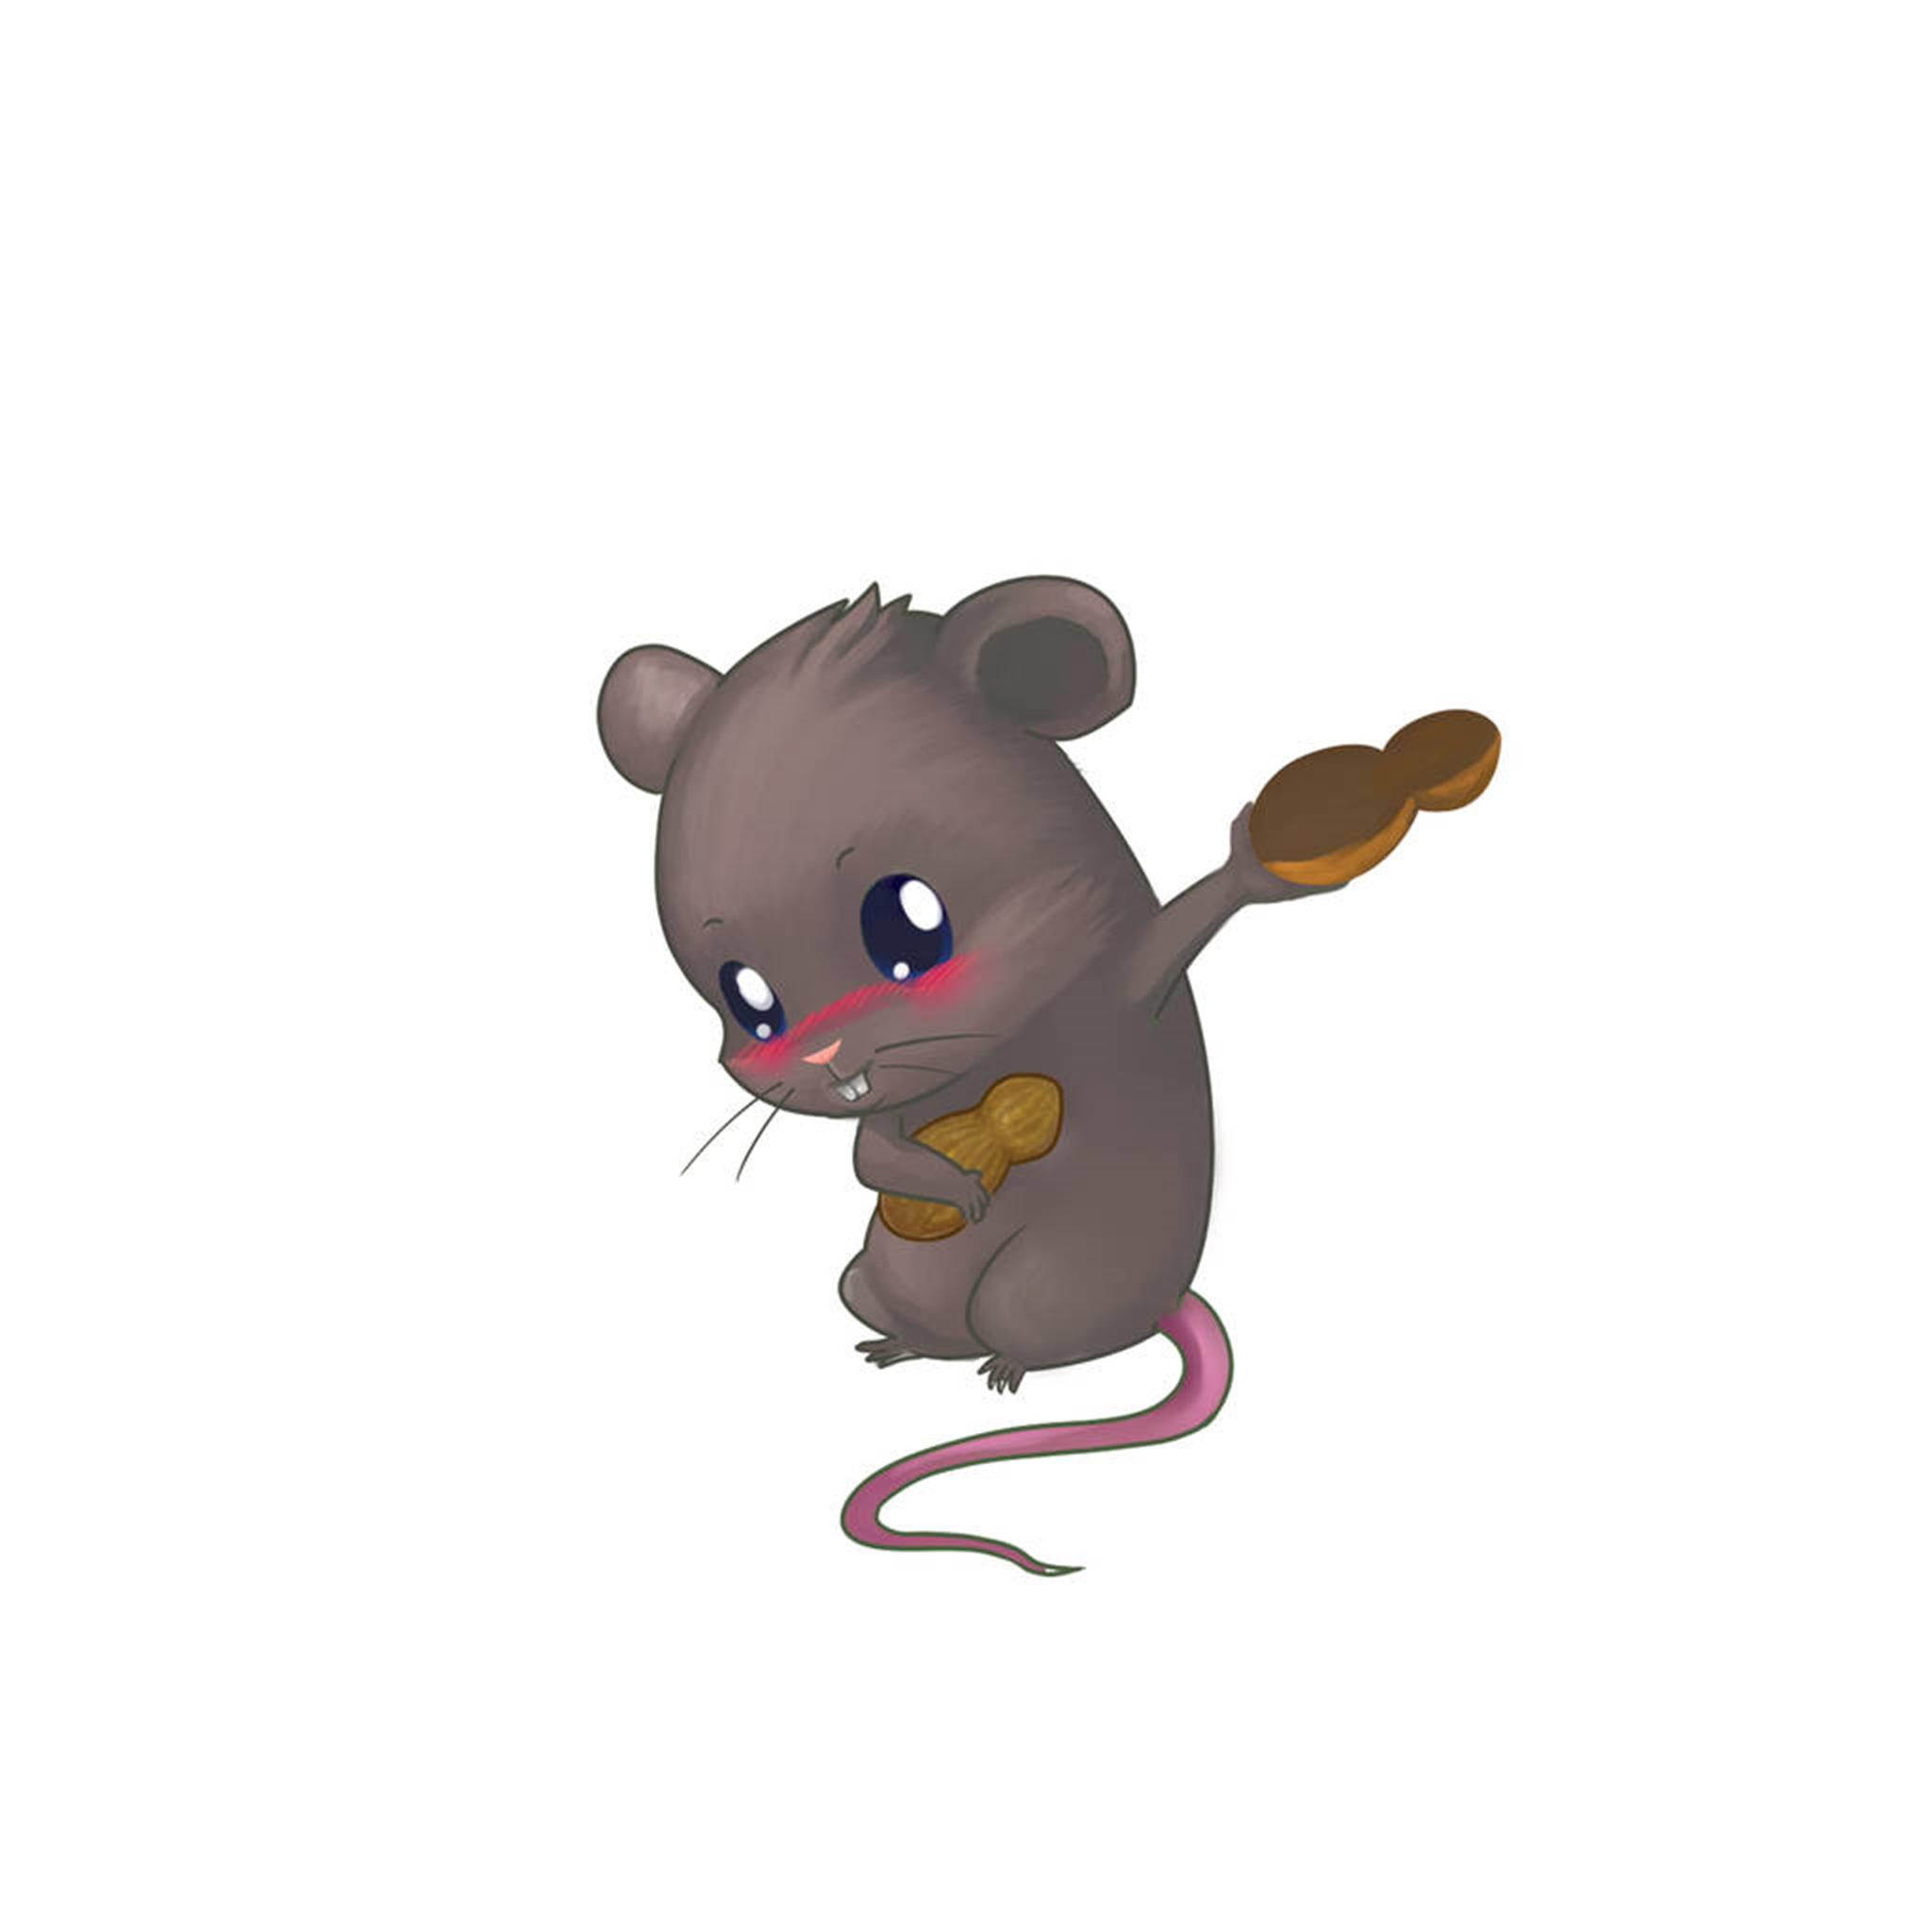 属鼠寓意好的小名 好听好记的鼠宝宝小名